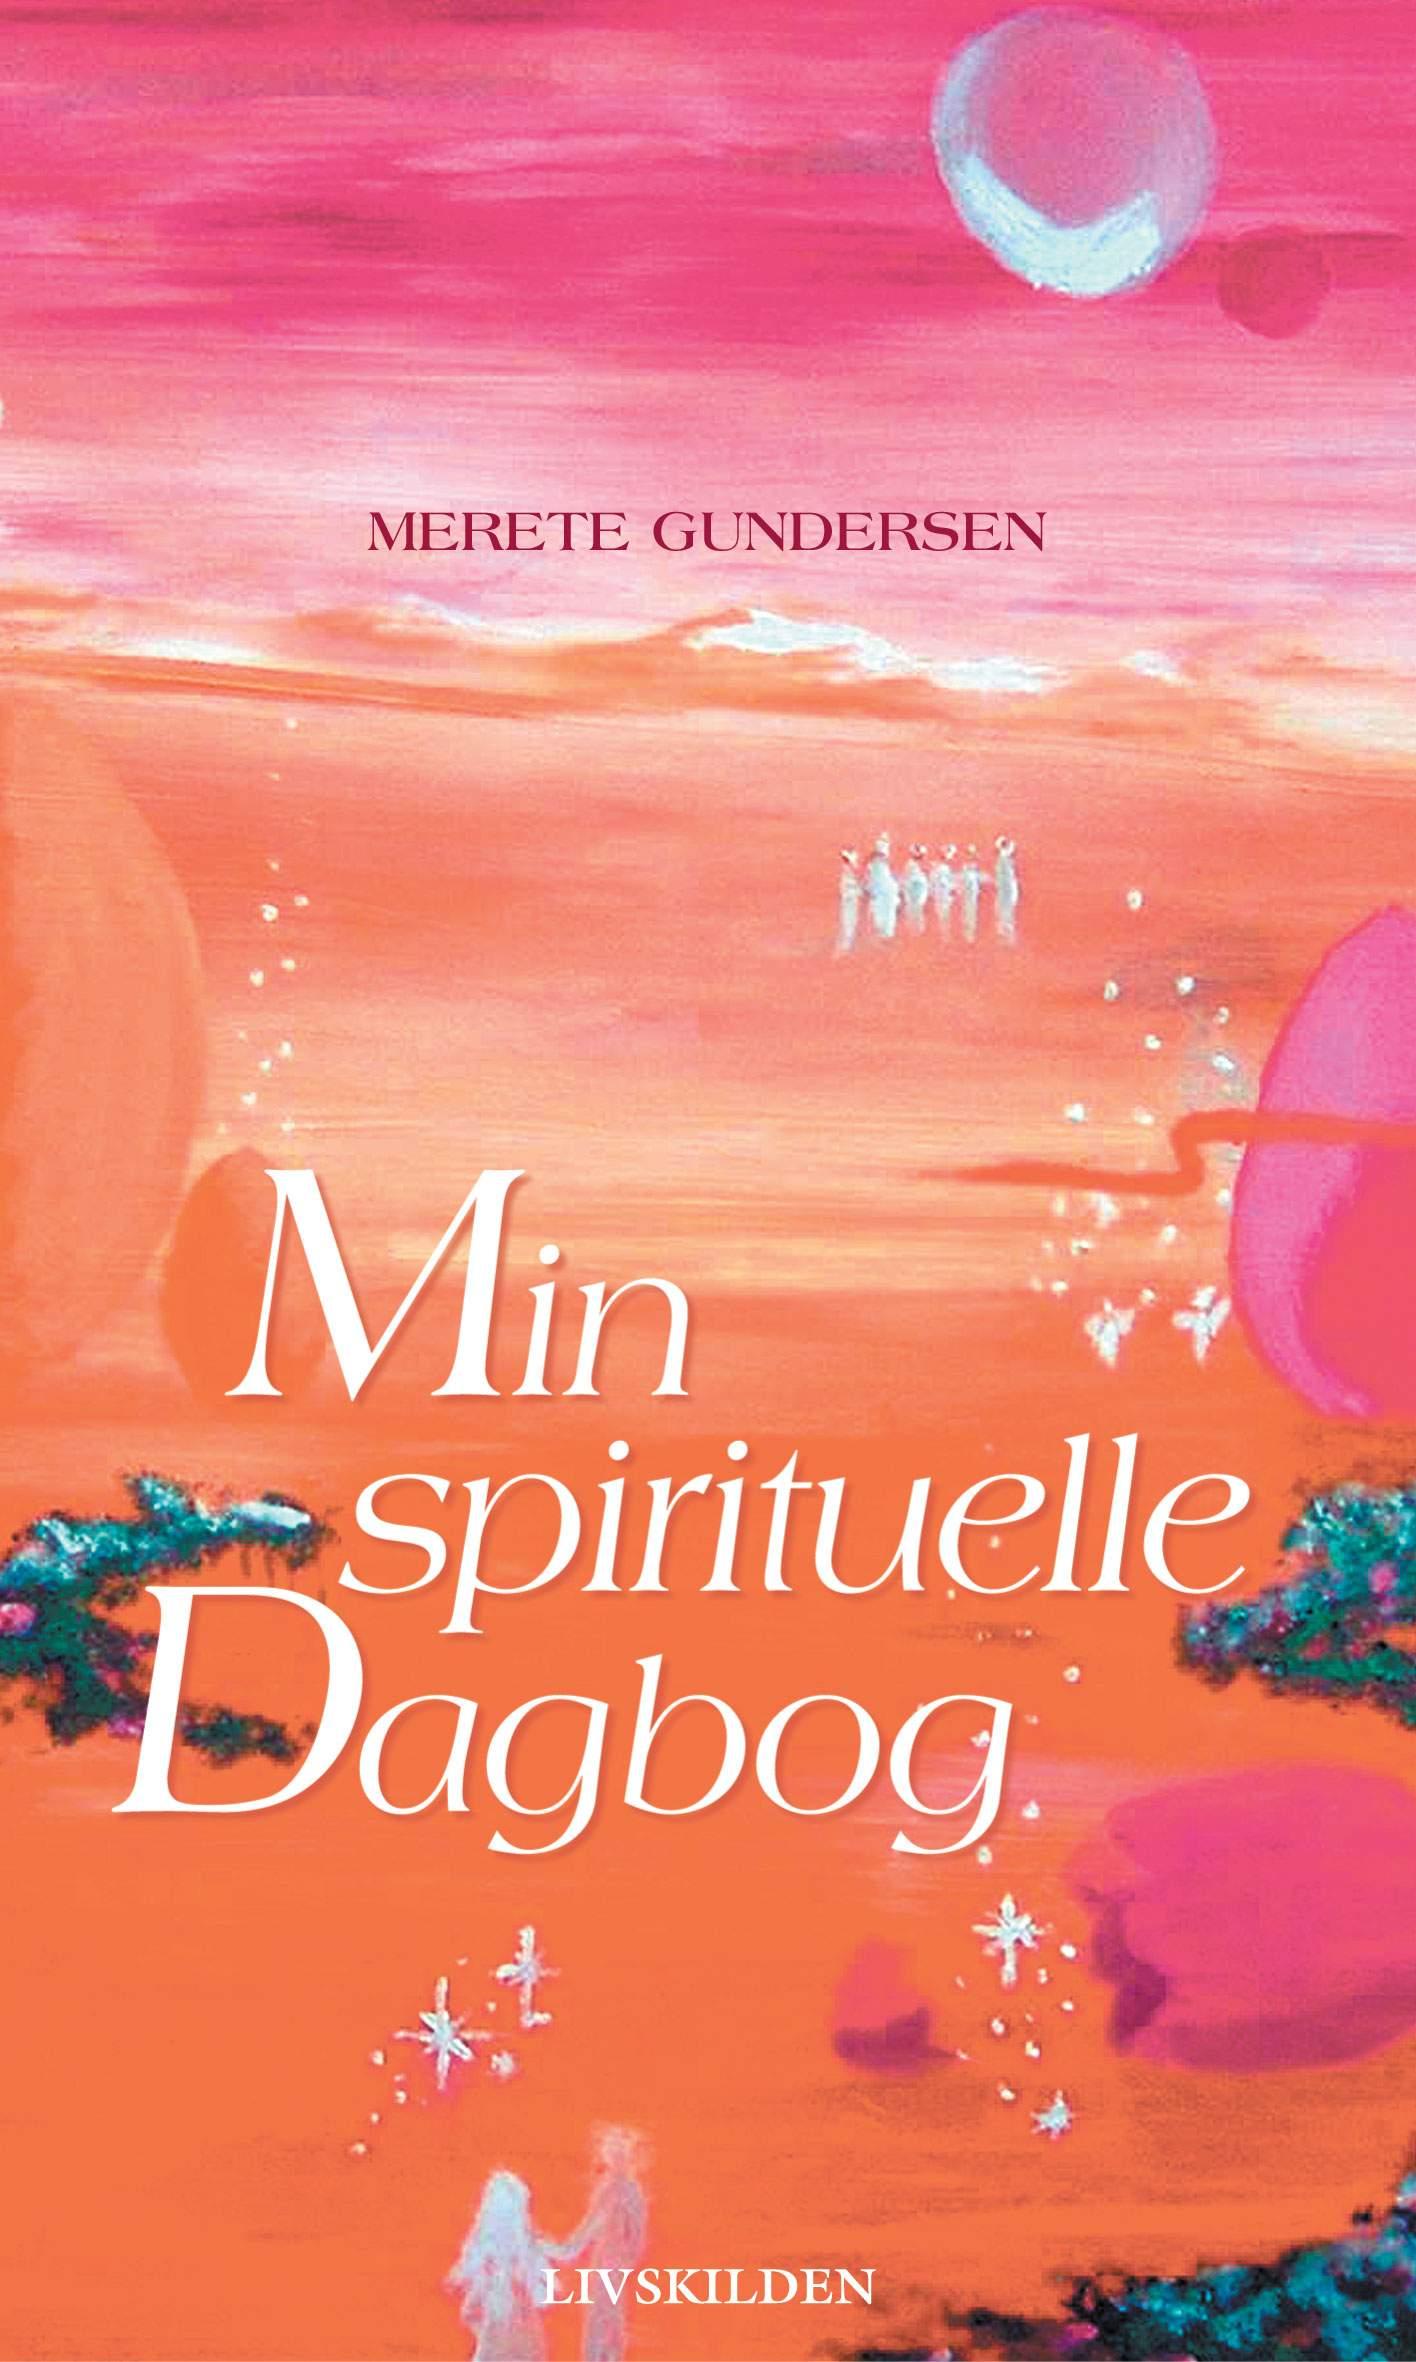 Min Spirituelle dagbog af forfatter Merete Gundersen